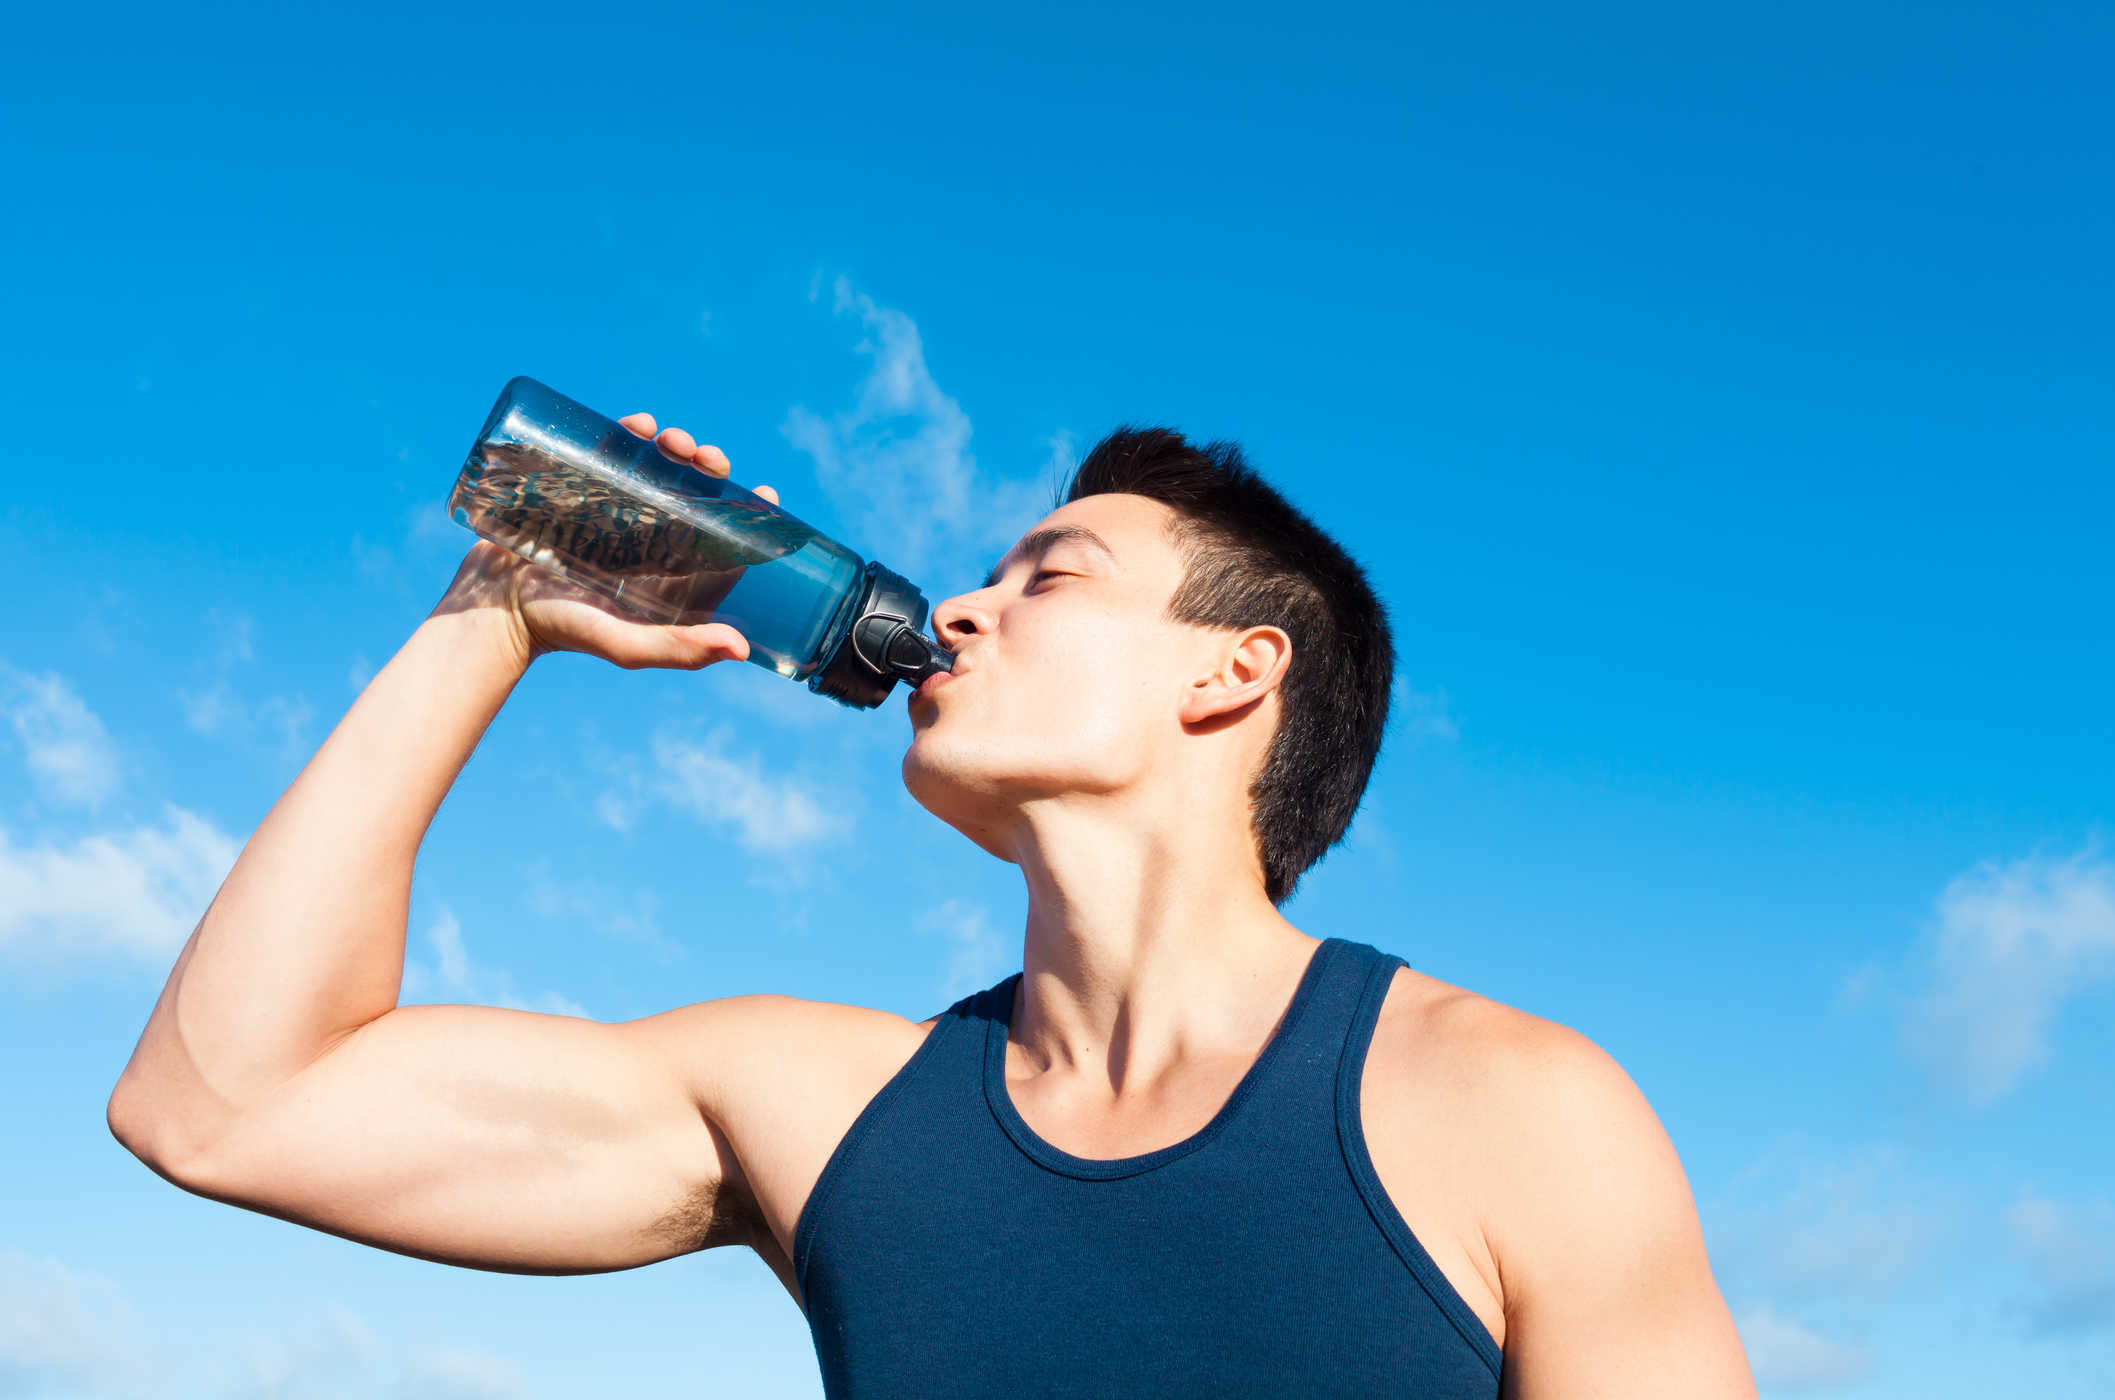 uống nước bao nhiêu là đủ